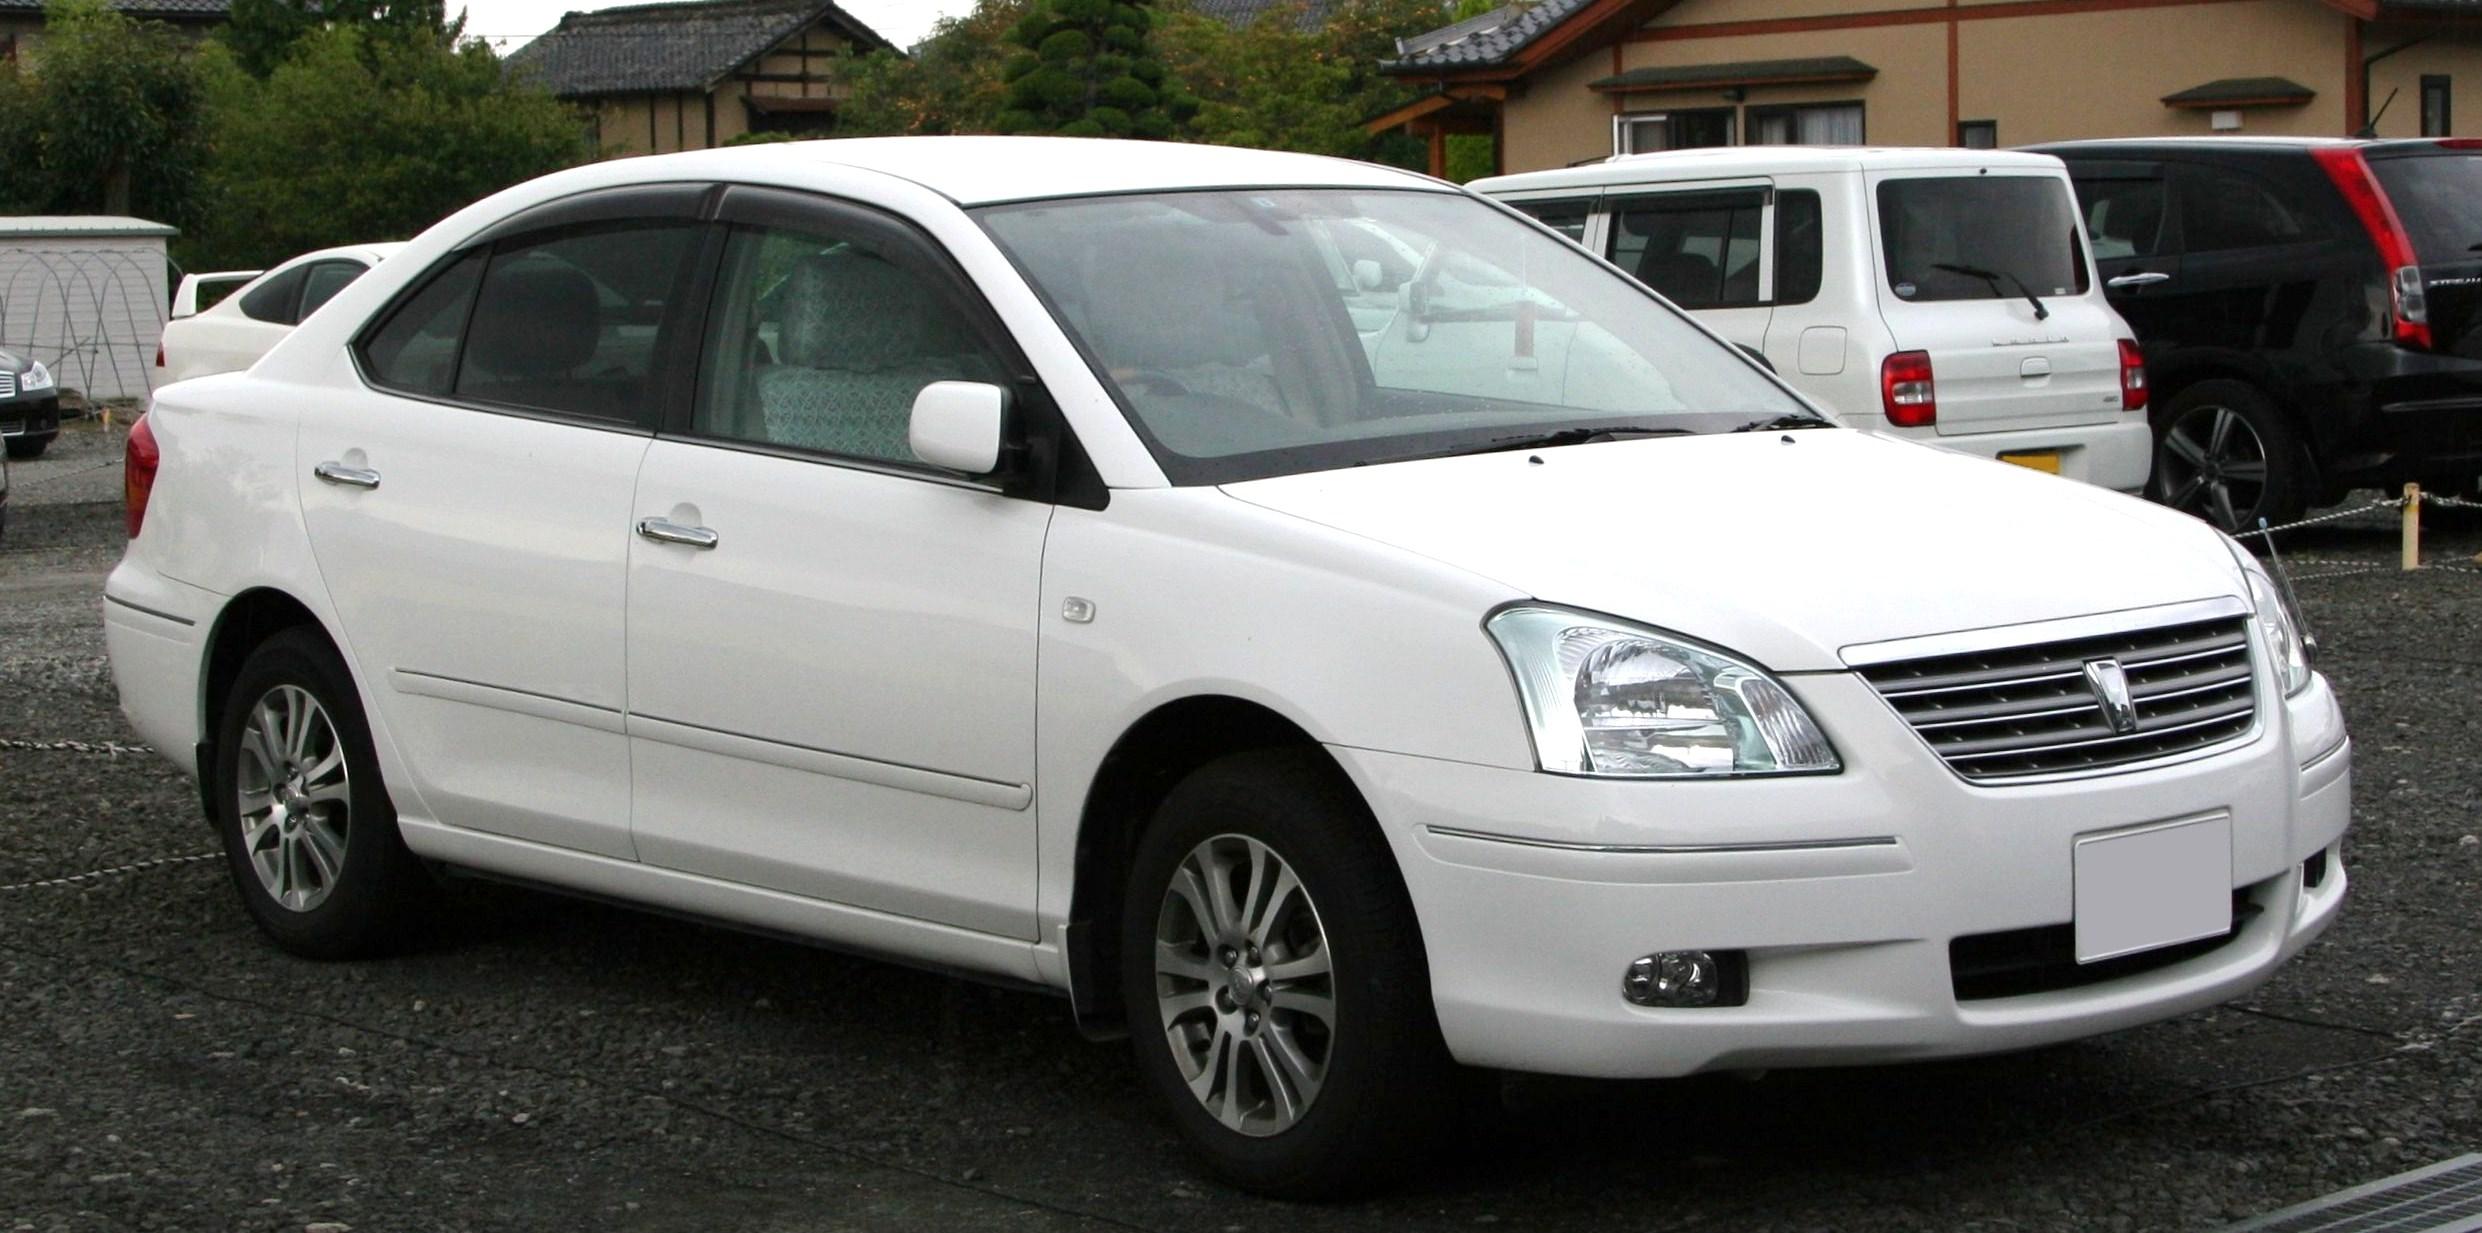 Toyota Premio 2007 Exterior Side View